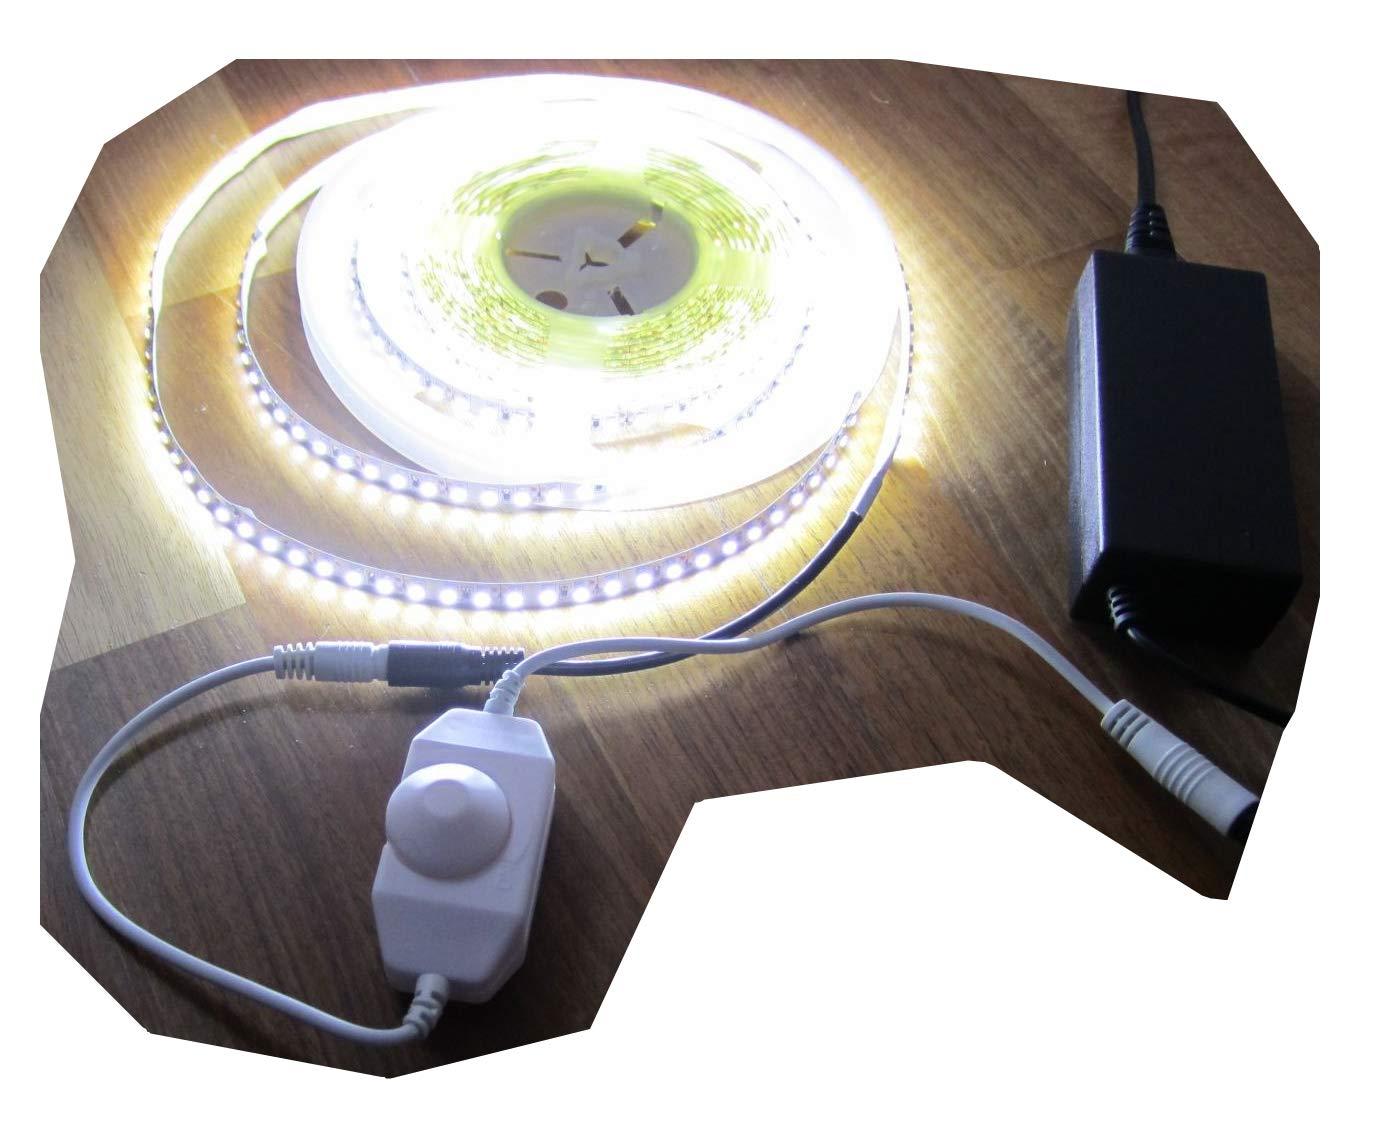 SET HIGH POWER LED LED LED Streifen Stripe Strip 5mt neutralweiß weiss naturweiß 600LED mit Dimmer inkl. Netzteil (Pro-Serie) TÜV GS geprüft 24V, 2760Lumen von AS-S 579d9a